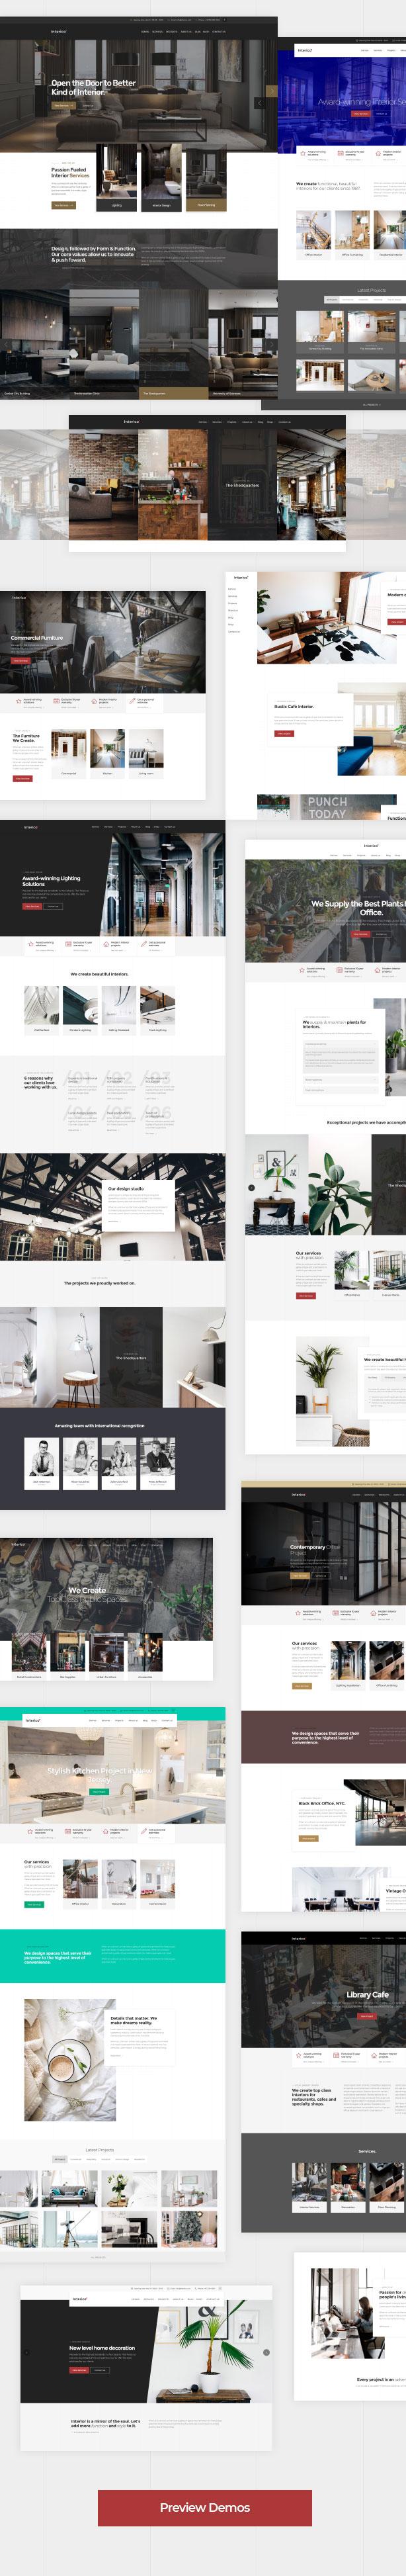 Stilvolle Demos für Websites zu Innenarchitektur, Architektur und Möbeln